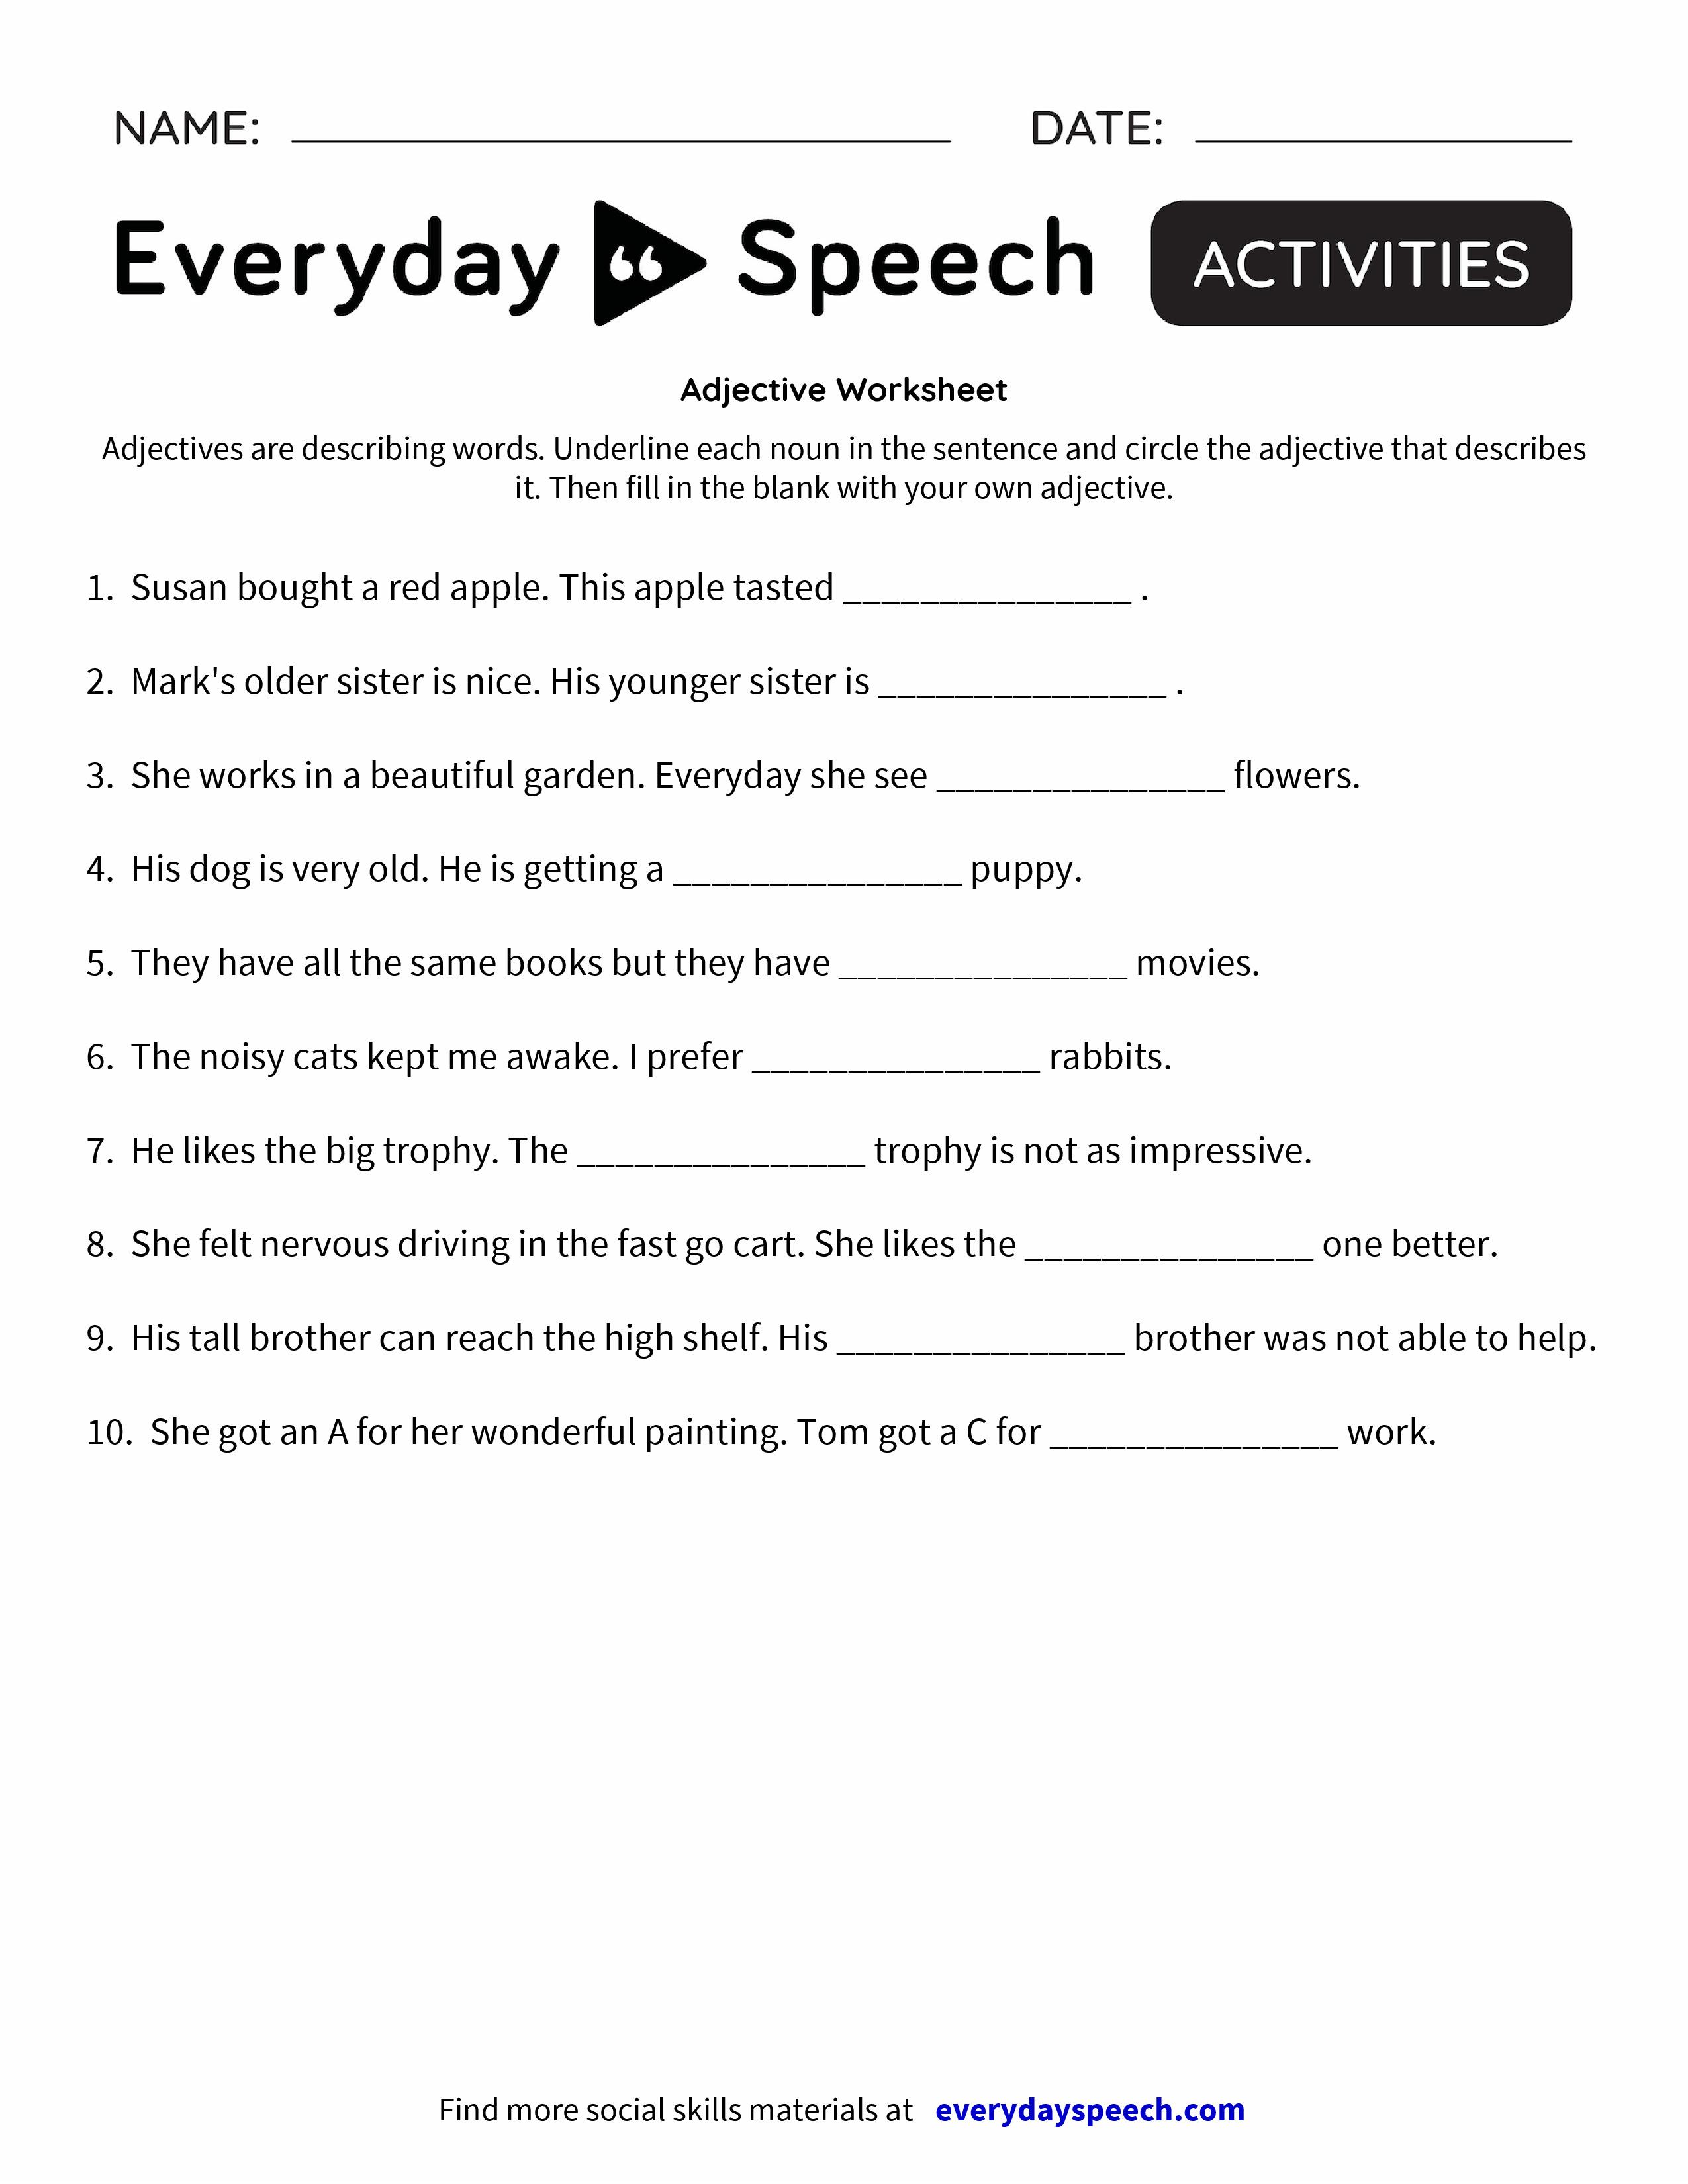 Djective W Ksheet Everyd Y Speech Everyd Y Speech